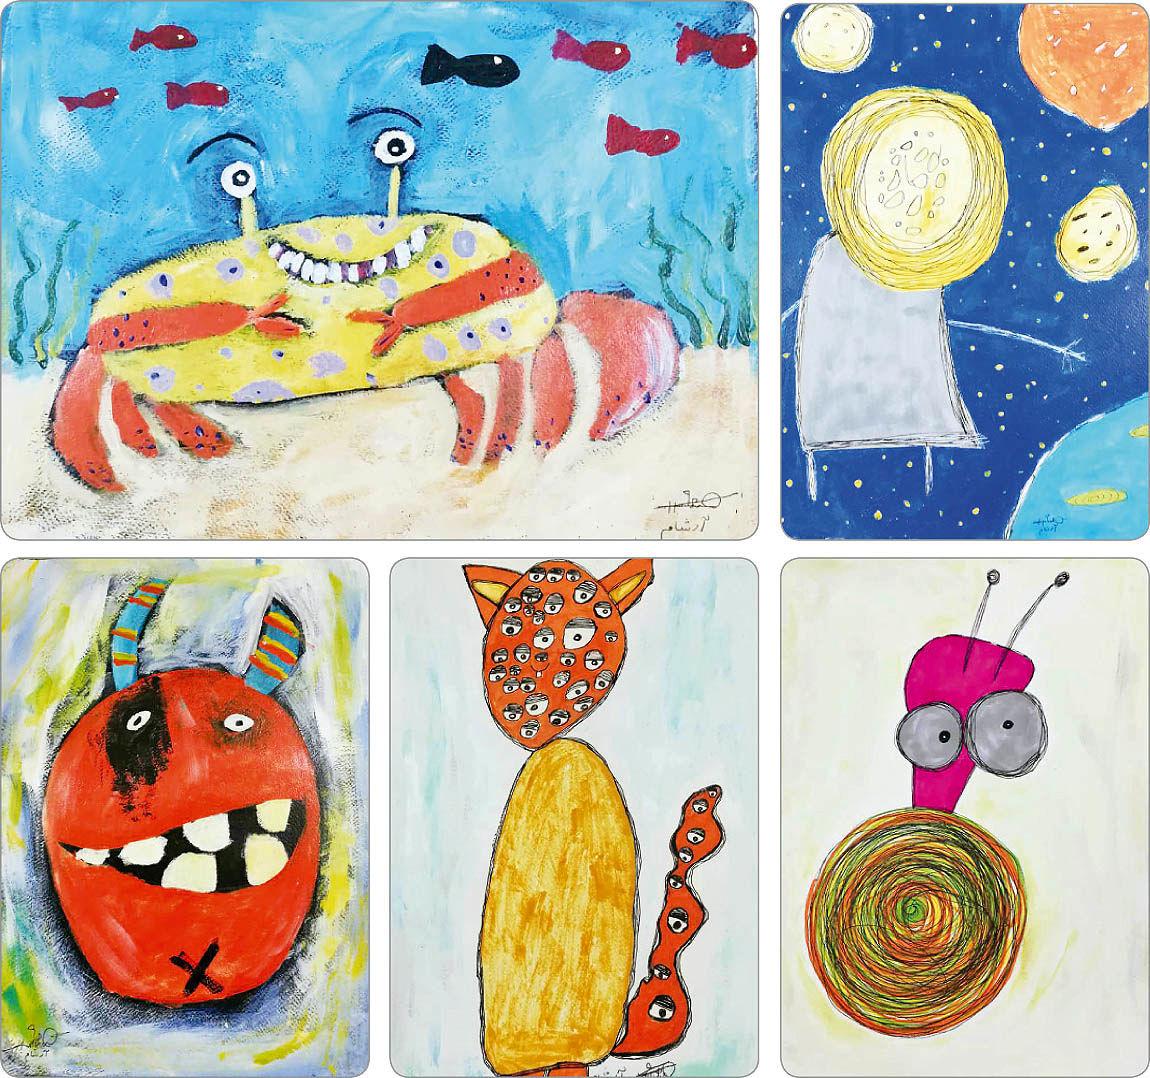 نمایشگاه تصویرسازیهای یک کودک هشت ساله